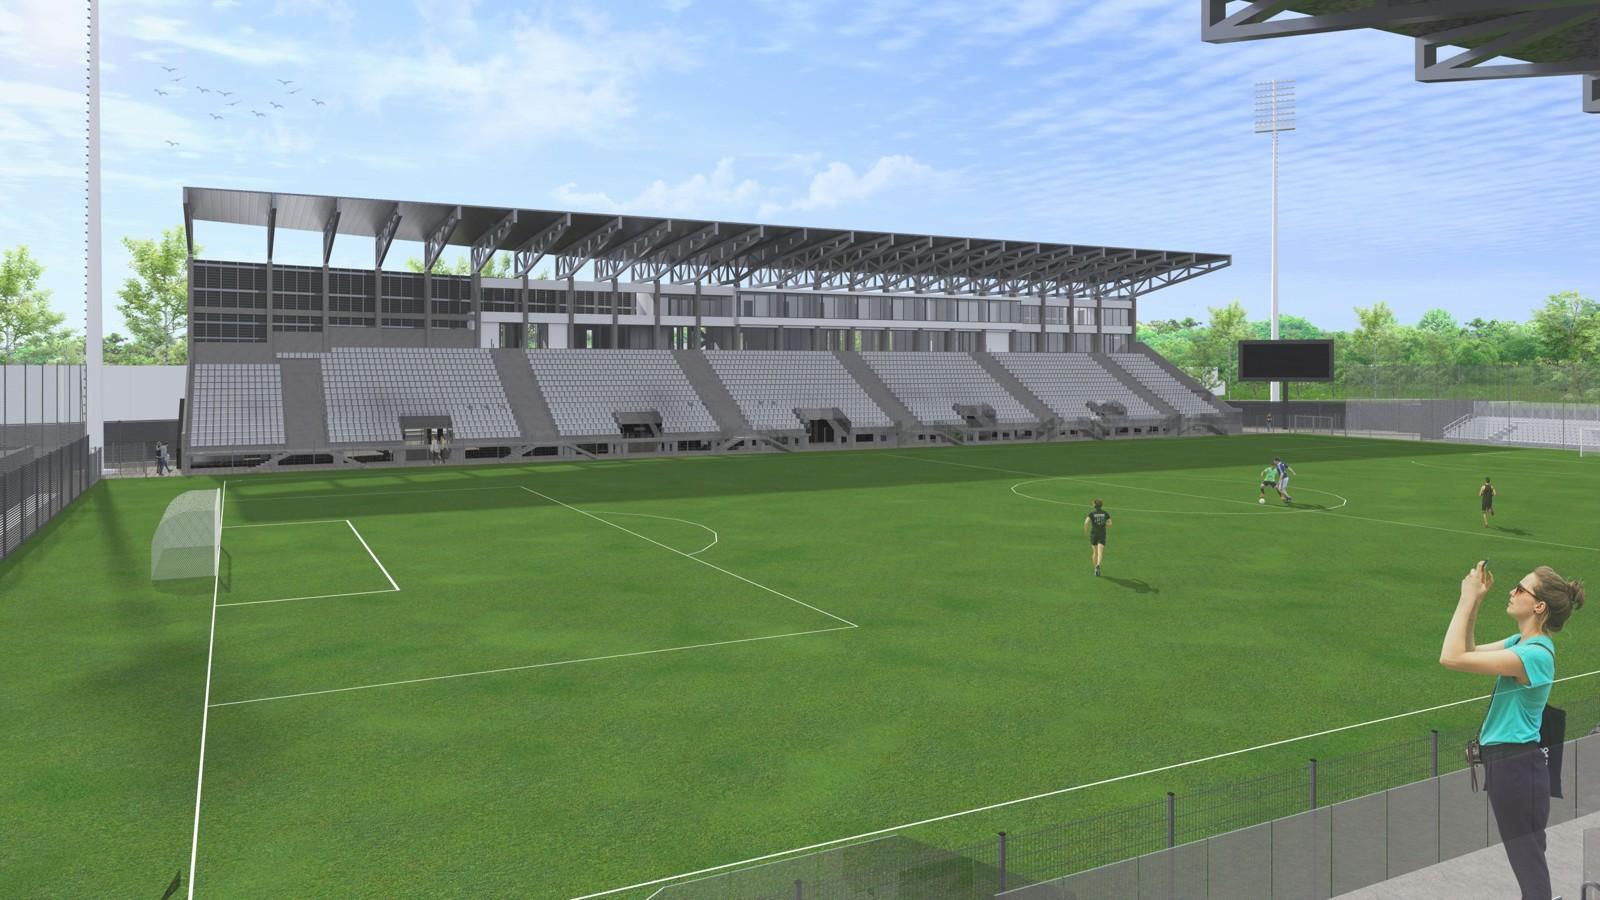 Nowy stadion w Nowym Sączu